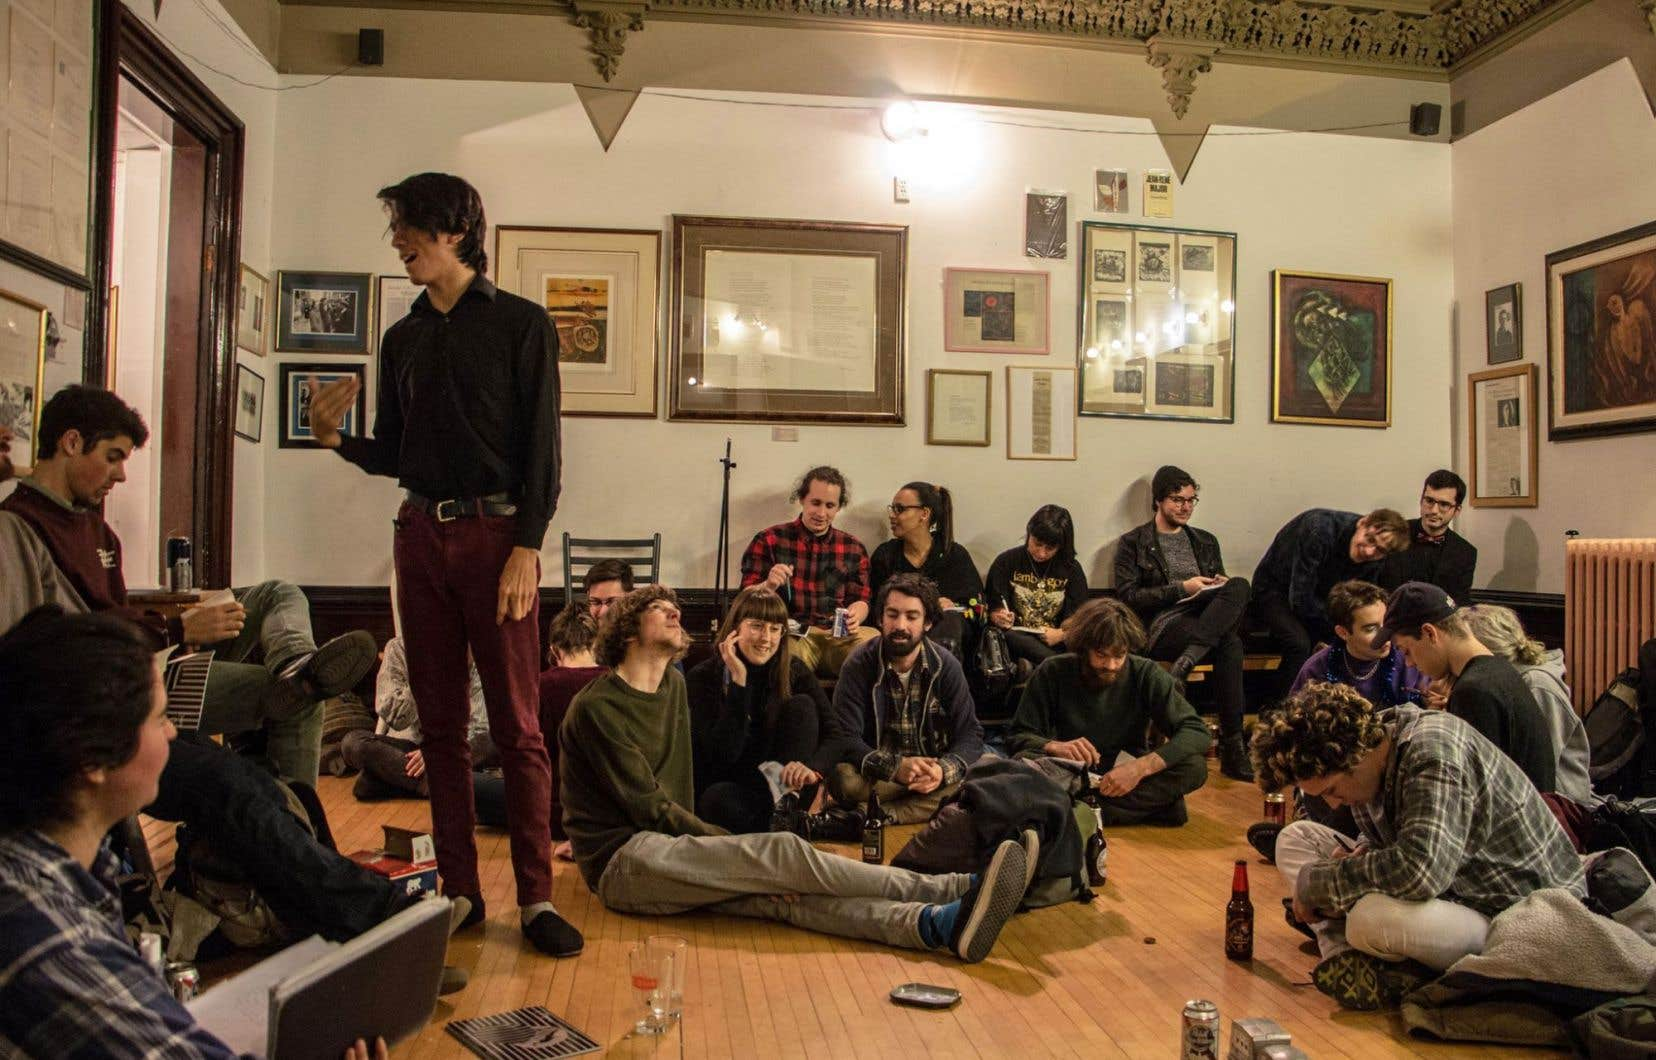 Les artisans de La Passe ont monté une librairie, une chambre noire, des ateliers de reliure et de typographie, des éditions, des expositions d'archives, accueilli des soirées littéraires et organisé plus de 200 concerts dans la dernière année.